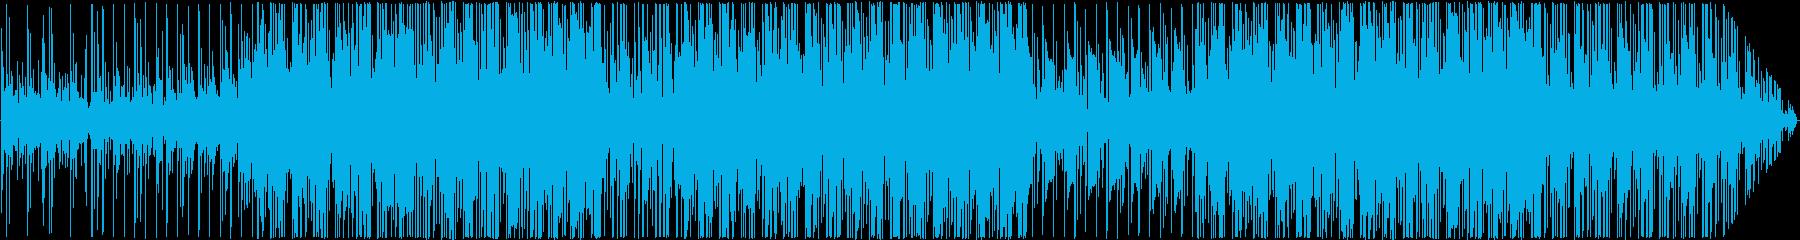 ムーディーなR&B / Hip H...の再生済みの波形